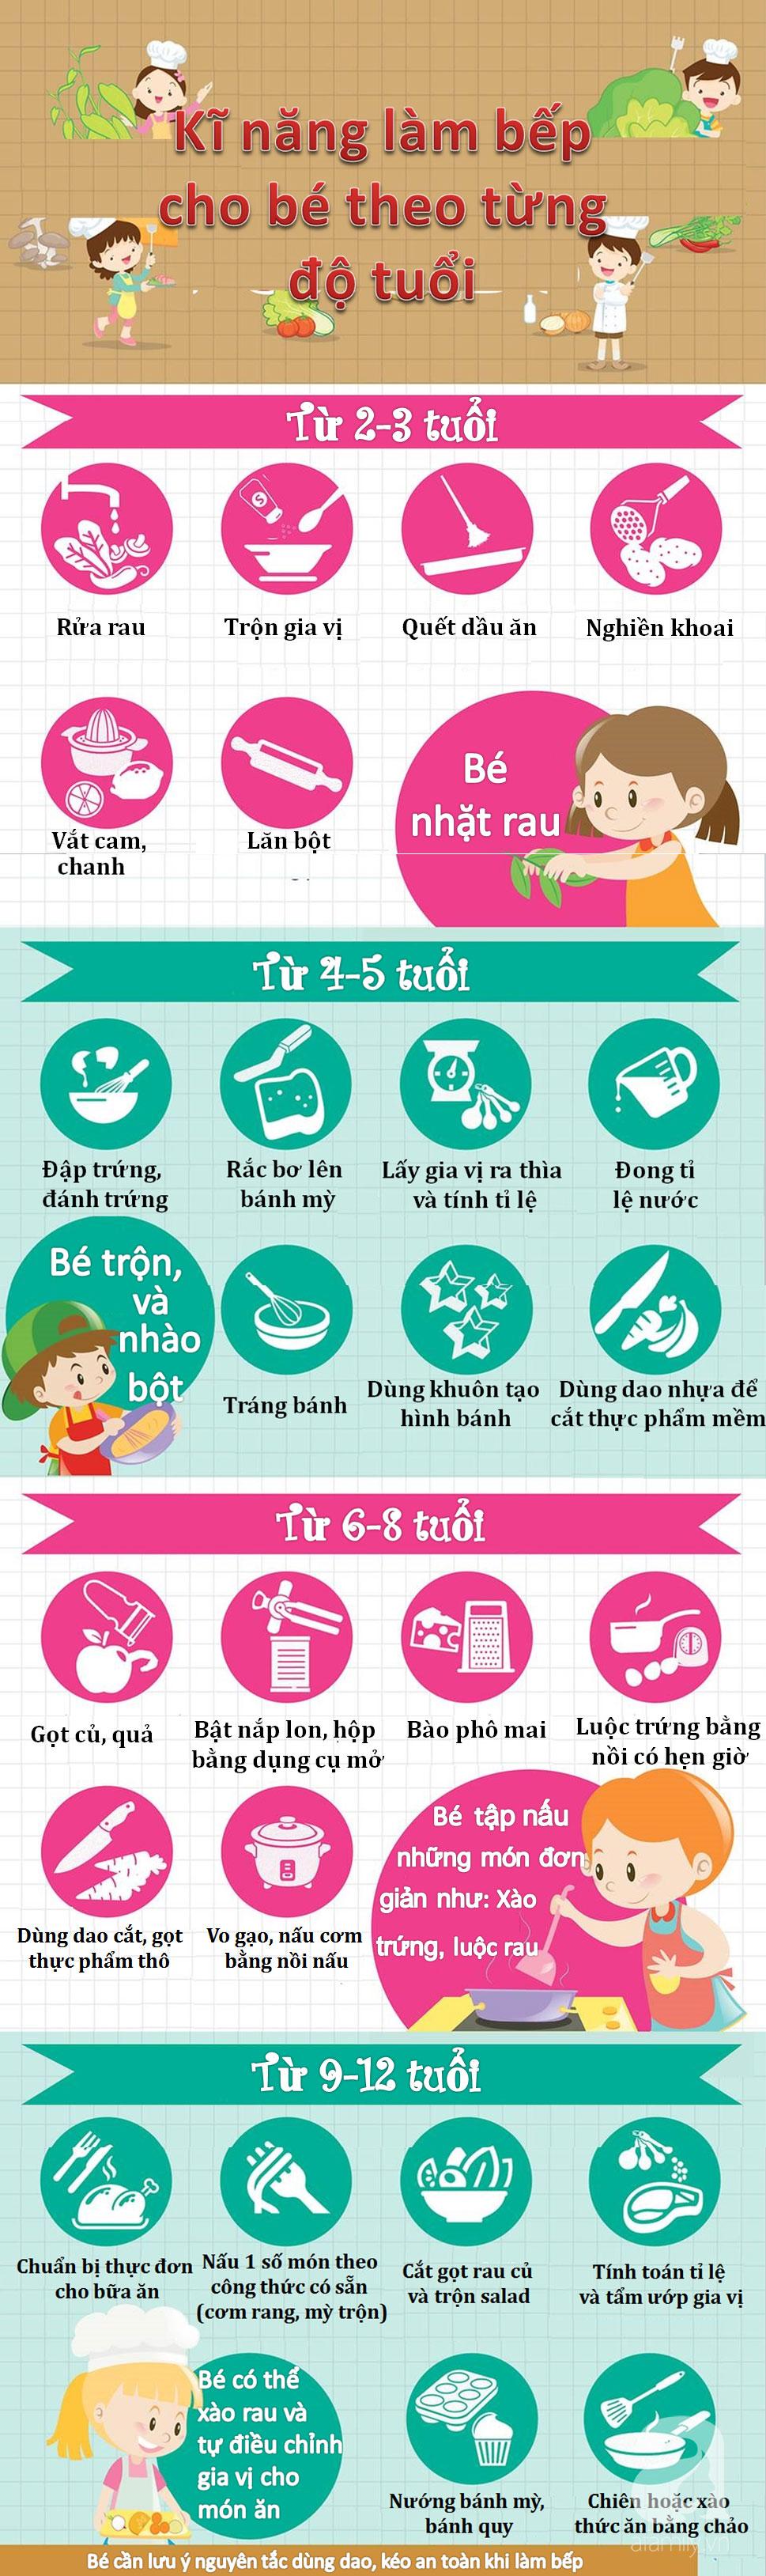 Học mẹ Nhật dạy trẻ làm bếp để con ăn ngoan hơn, tại sao mẹ chưa thử? - ảnh 3